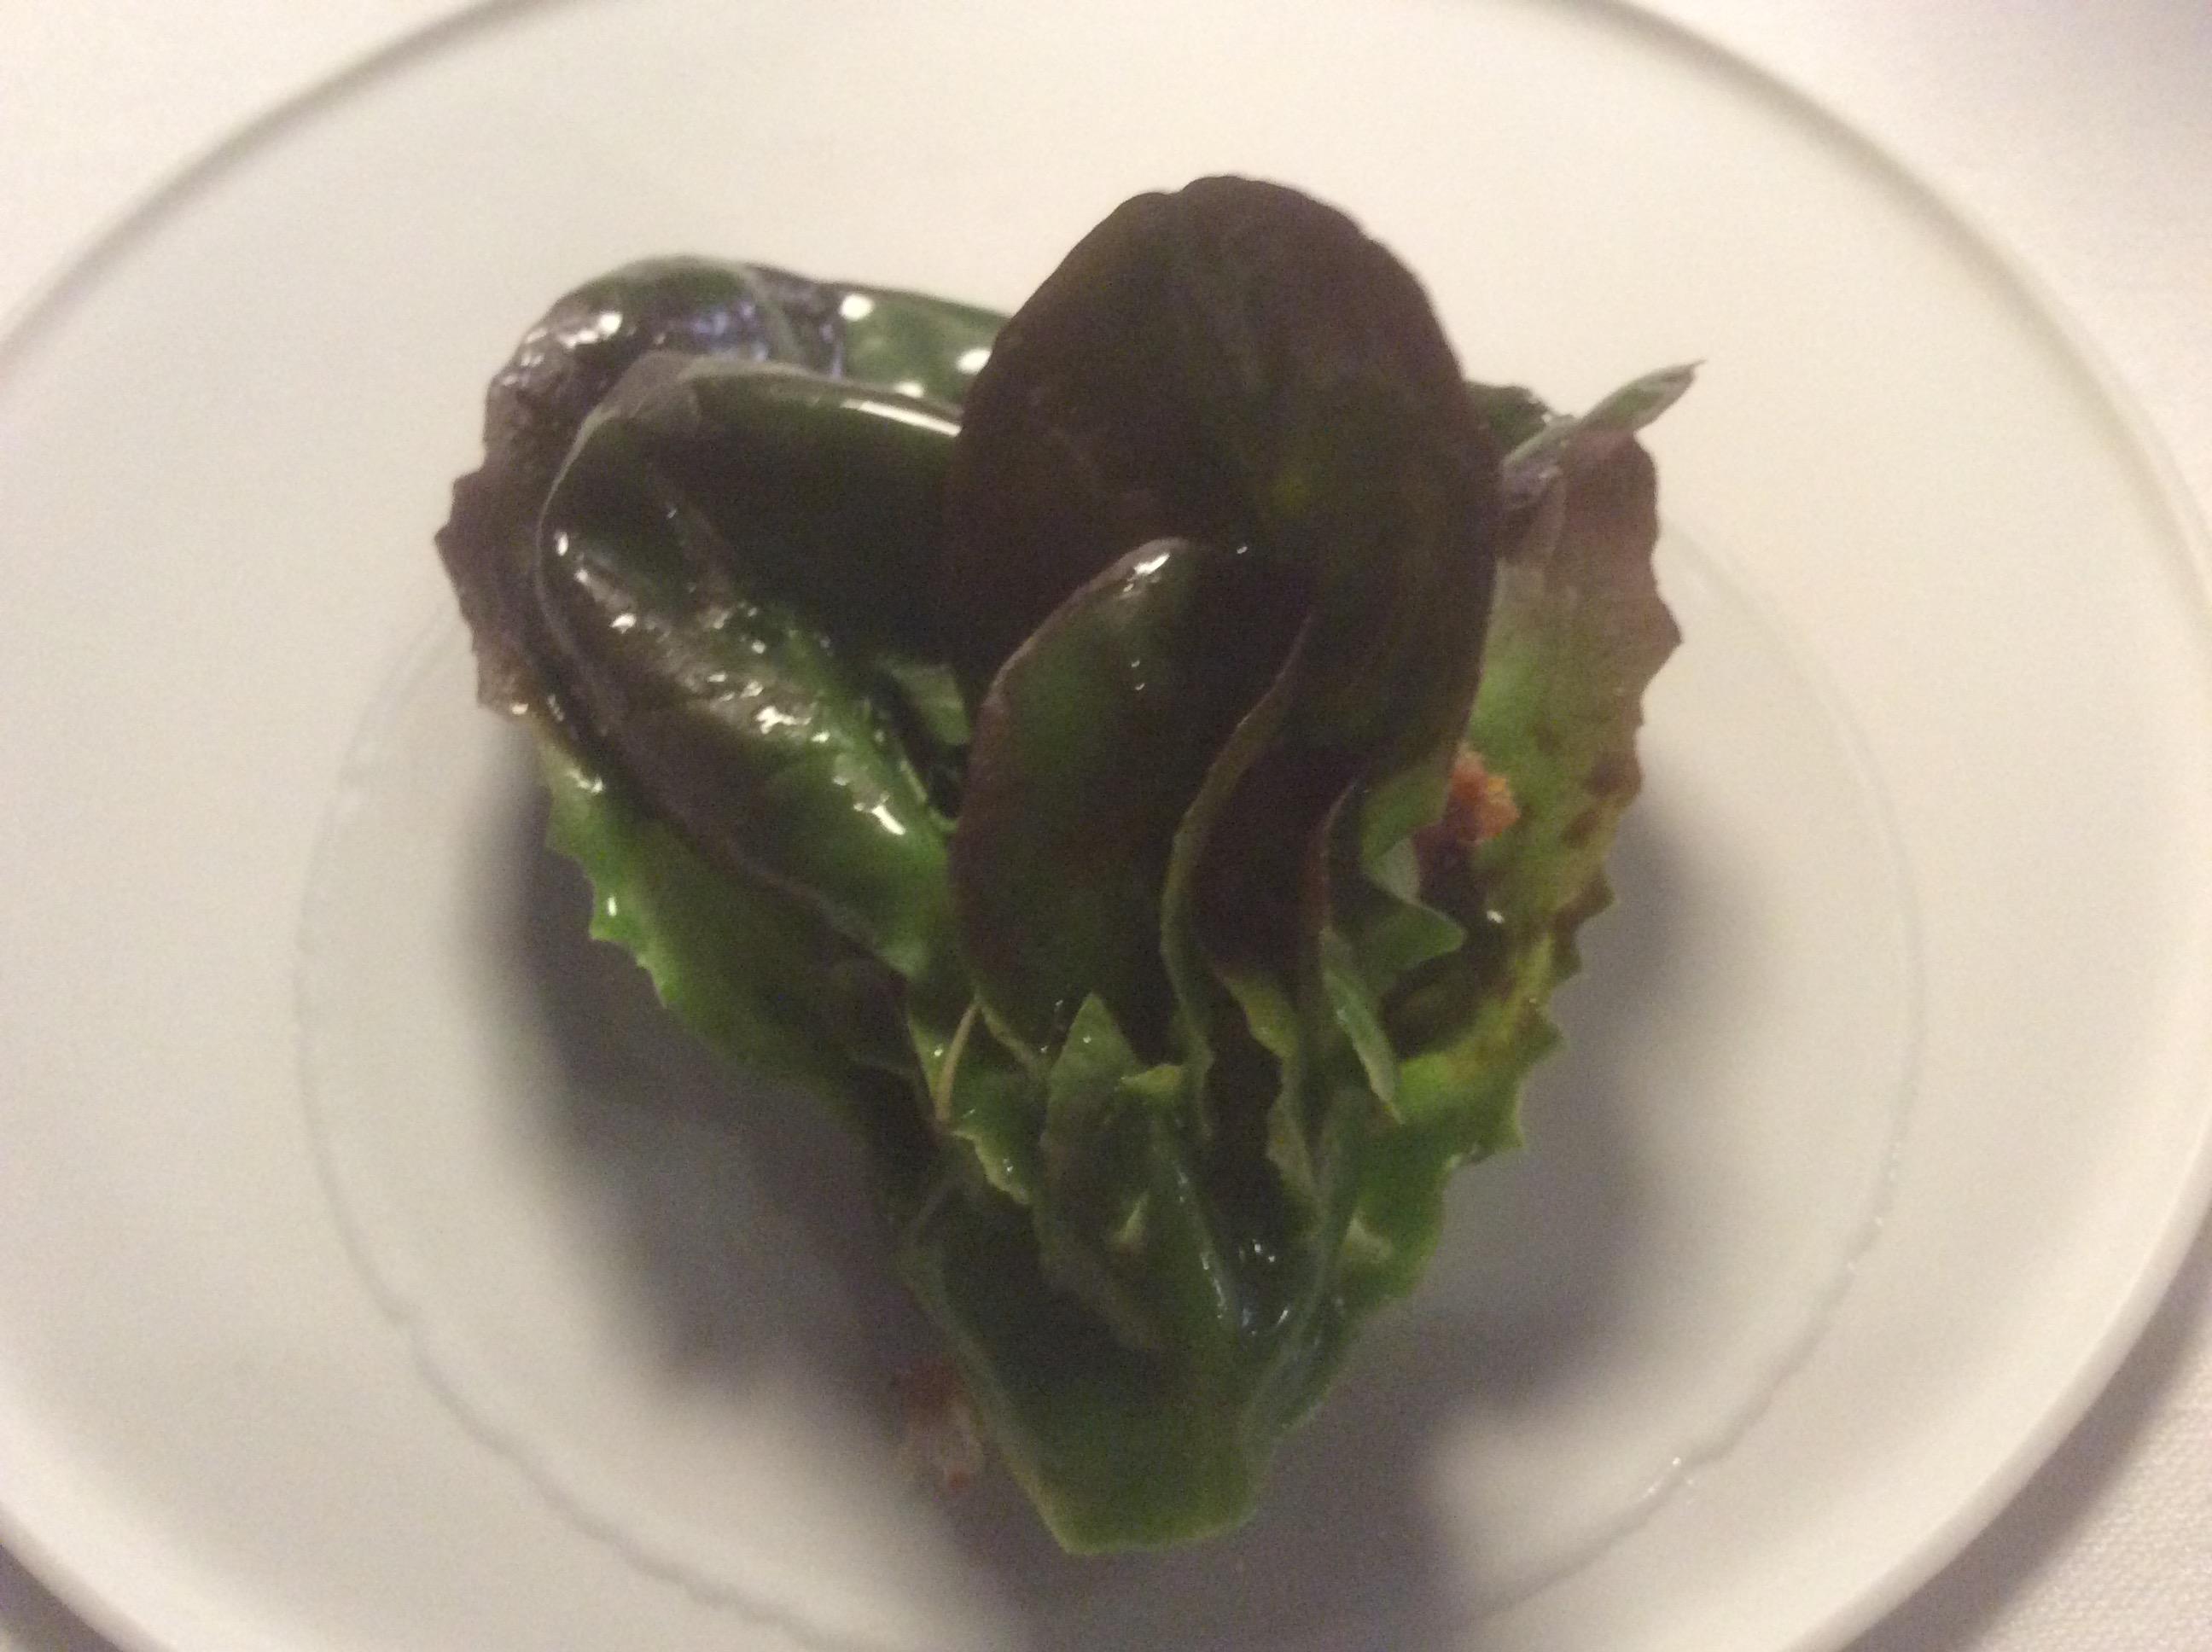 http://gourmet-italian.com/479.JPG